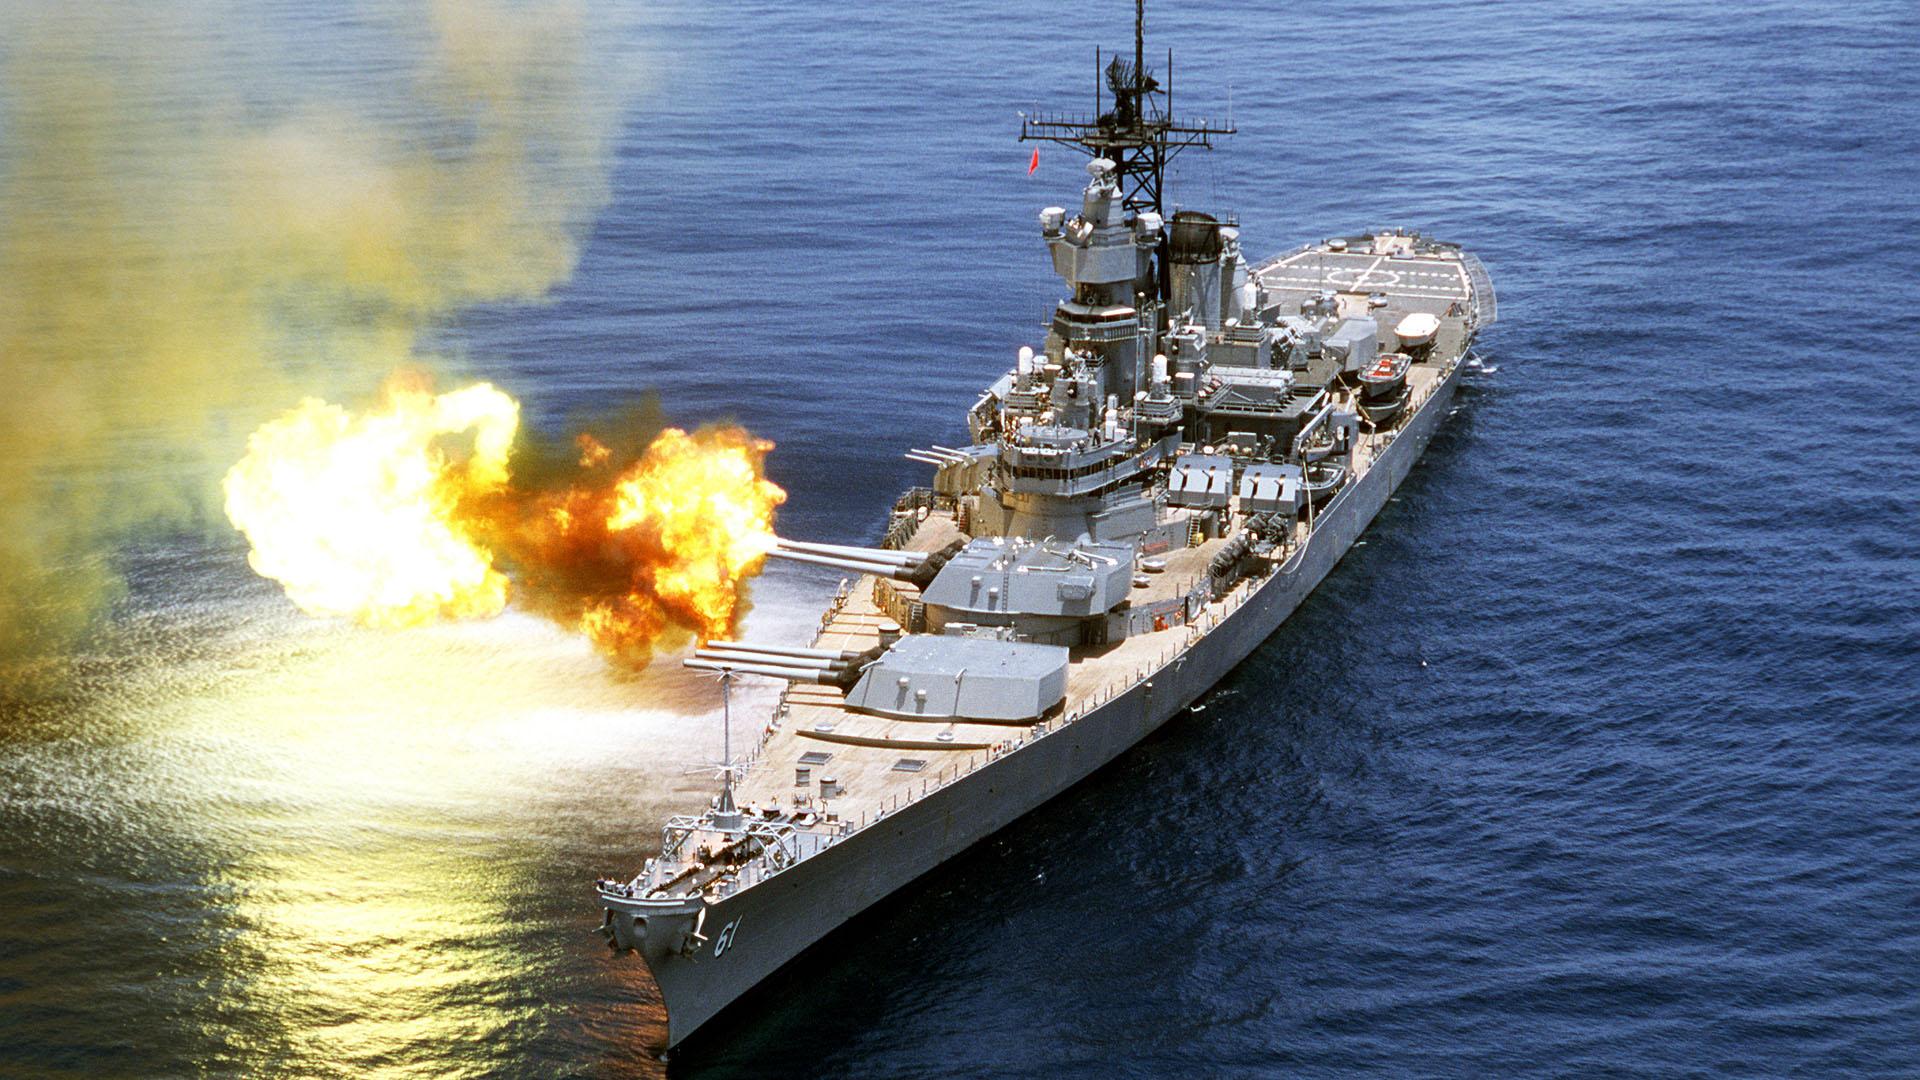 Uss Iowa Battle Battleship Fire Gun Guns Navy Design Desktop Wallpaper 1920x1080